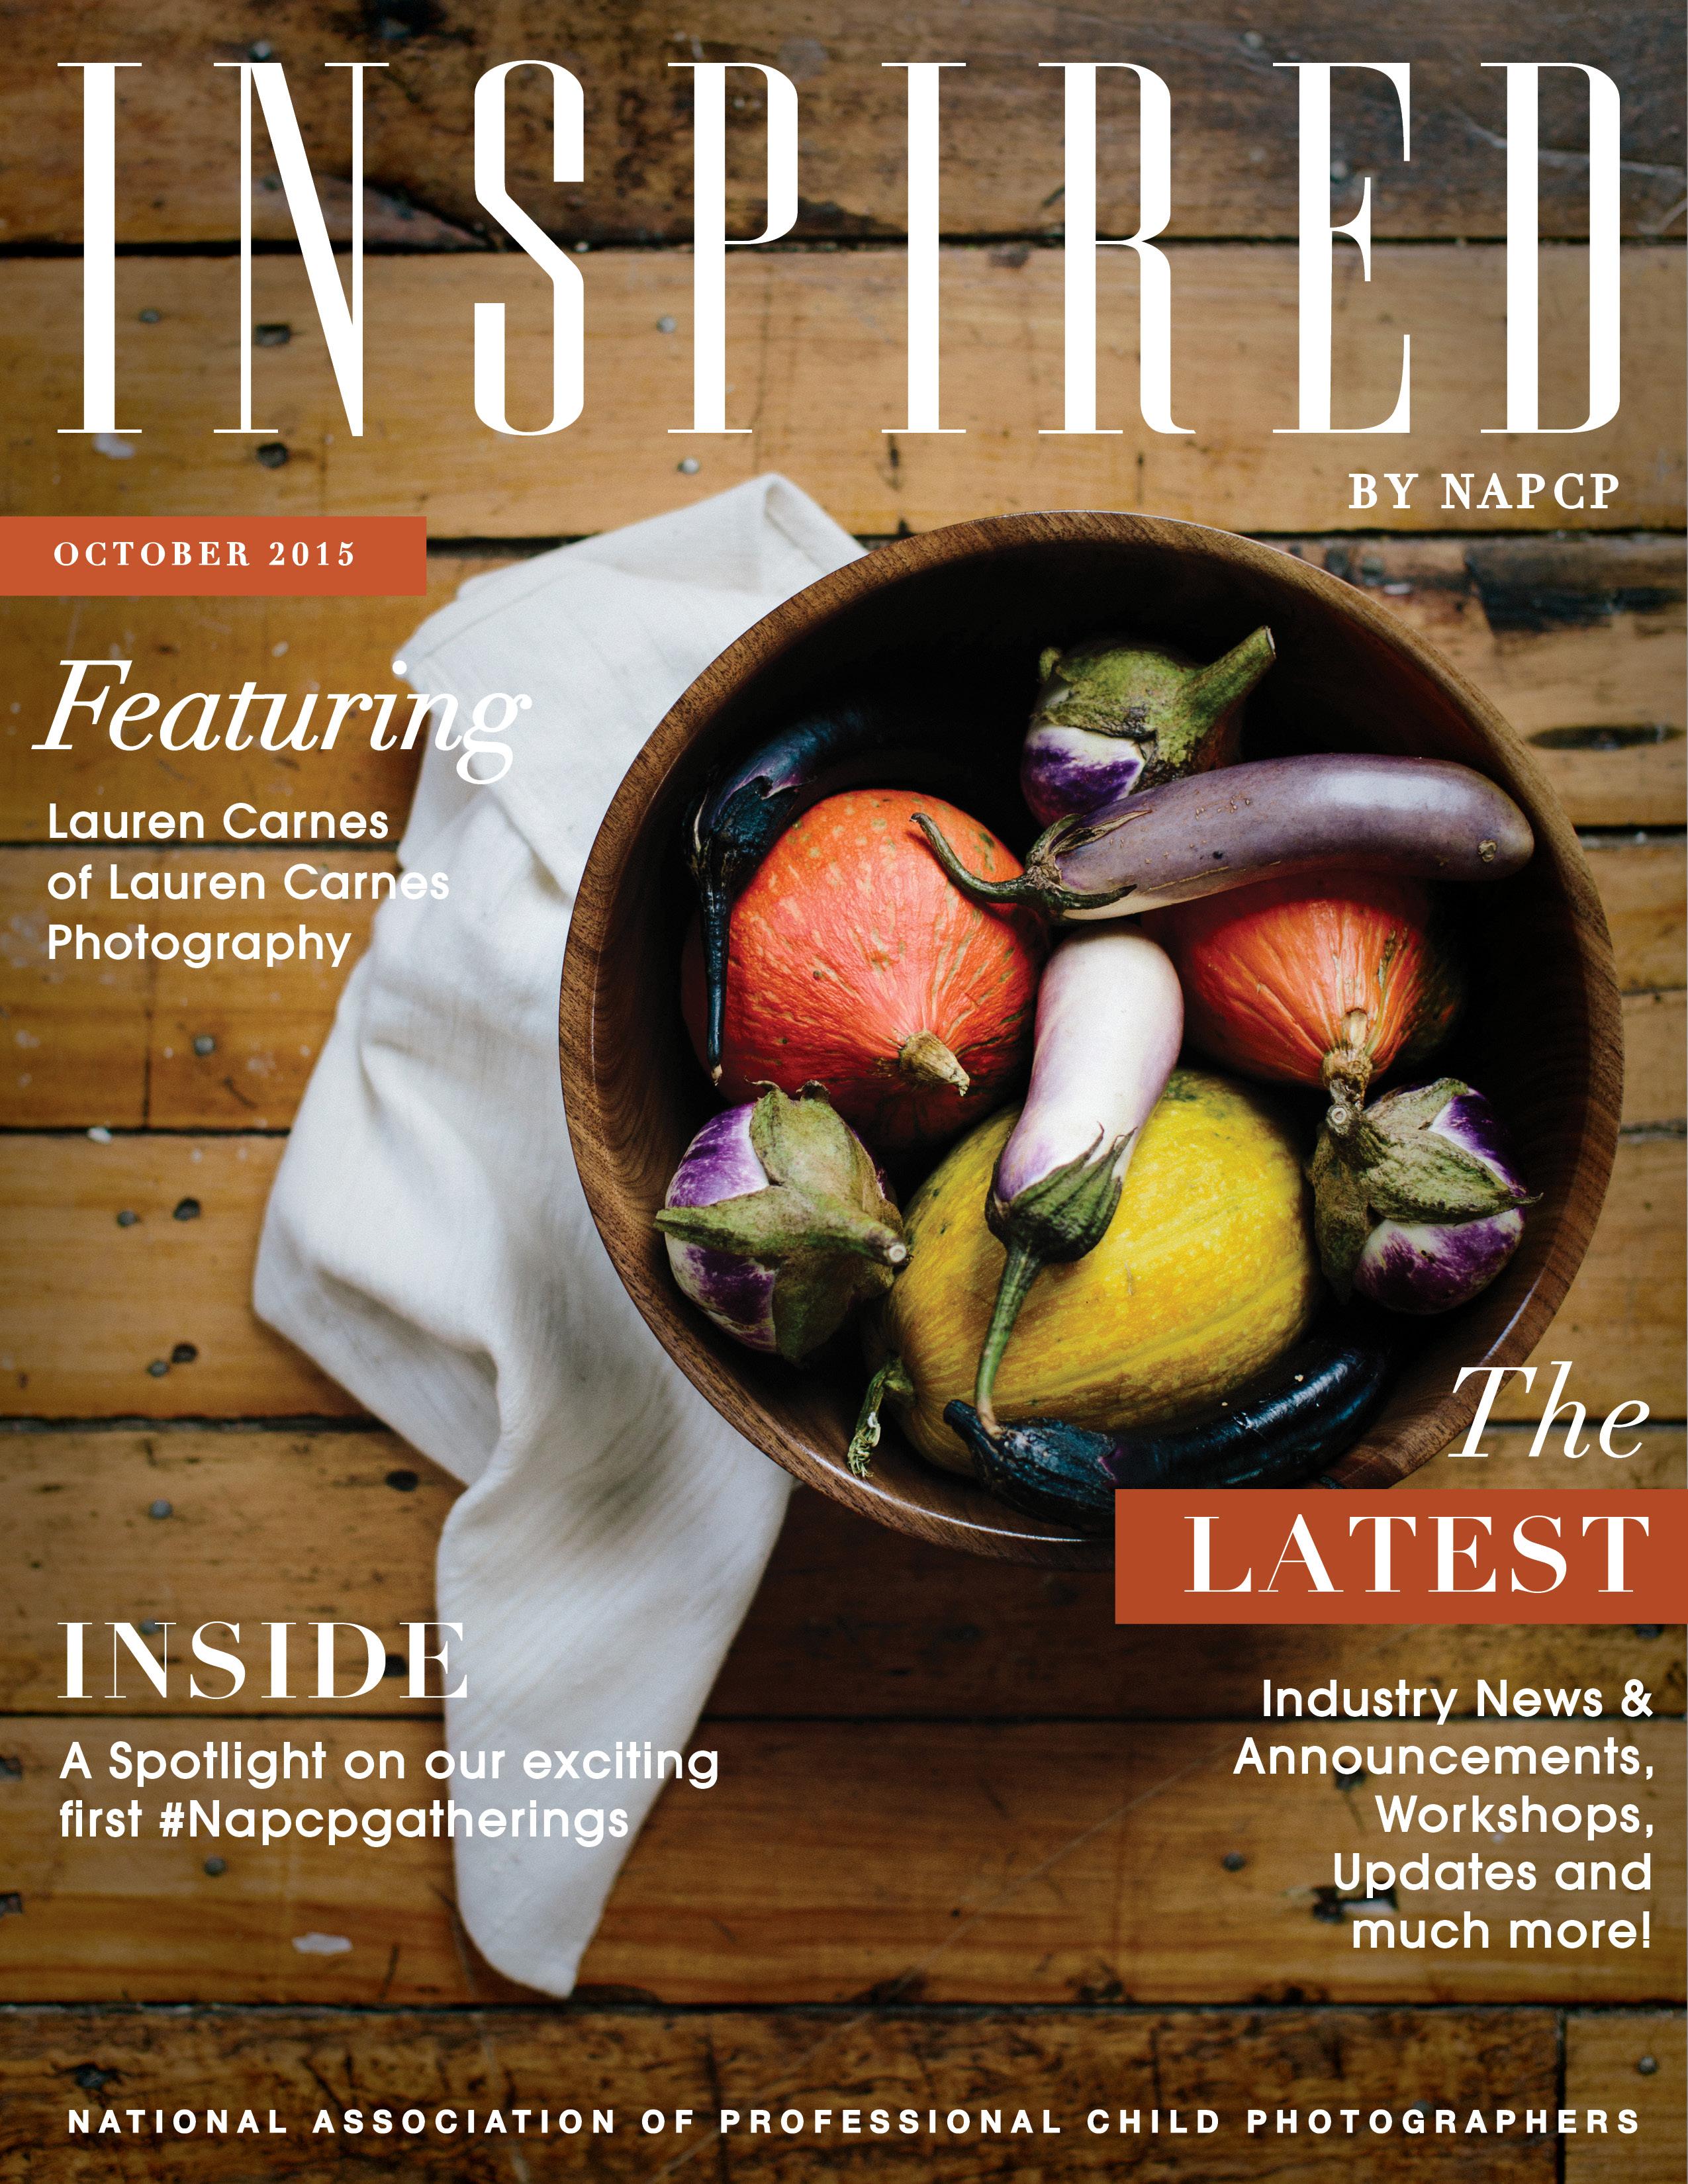 October newsletter 2015 cover